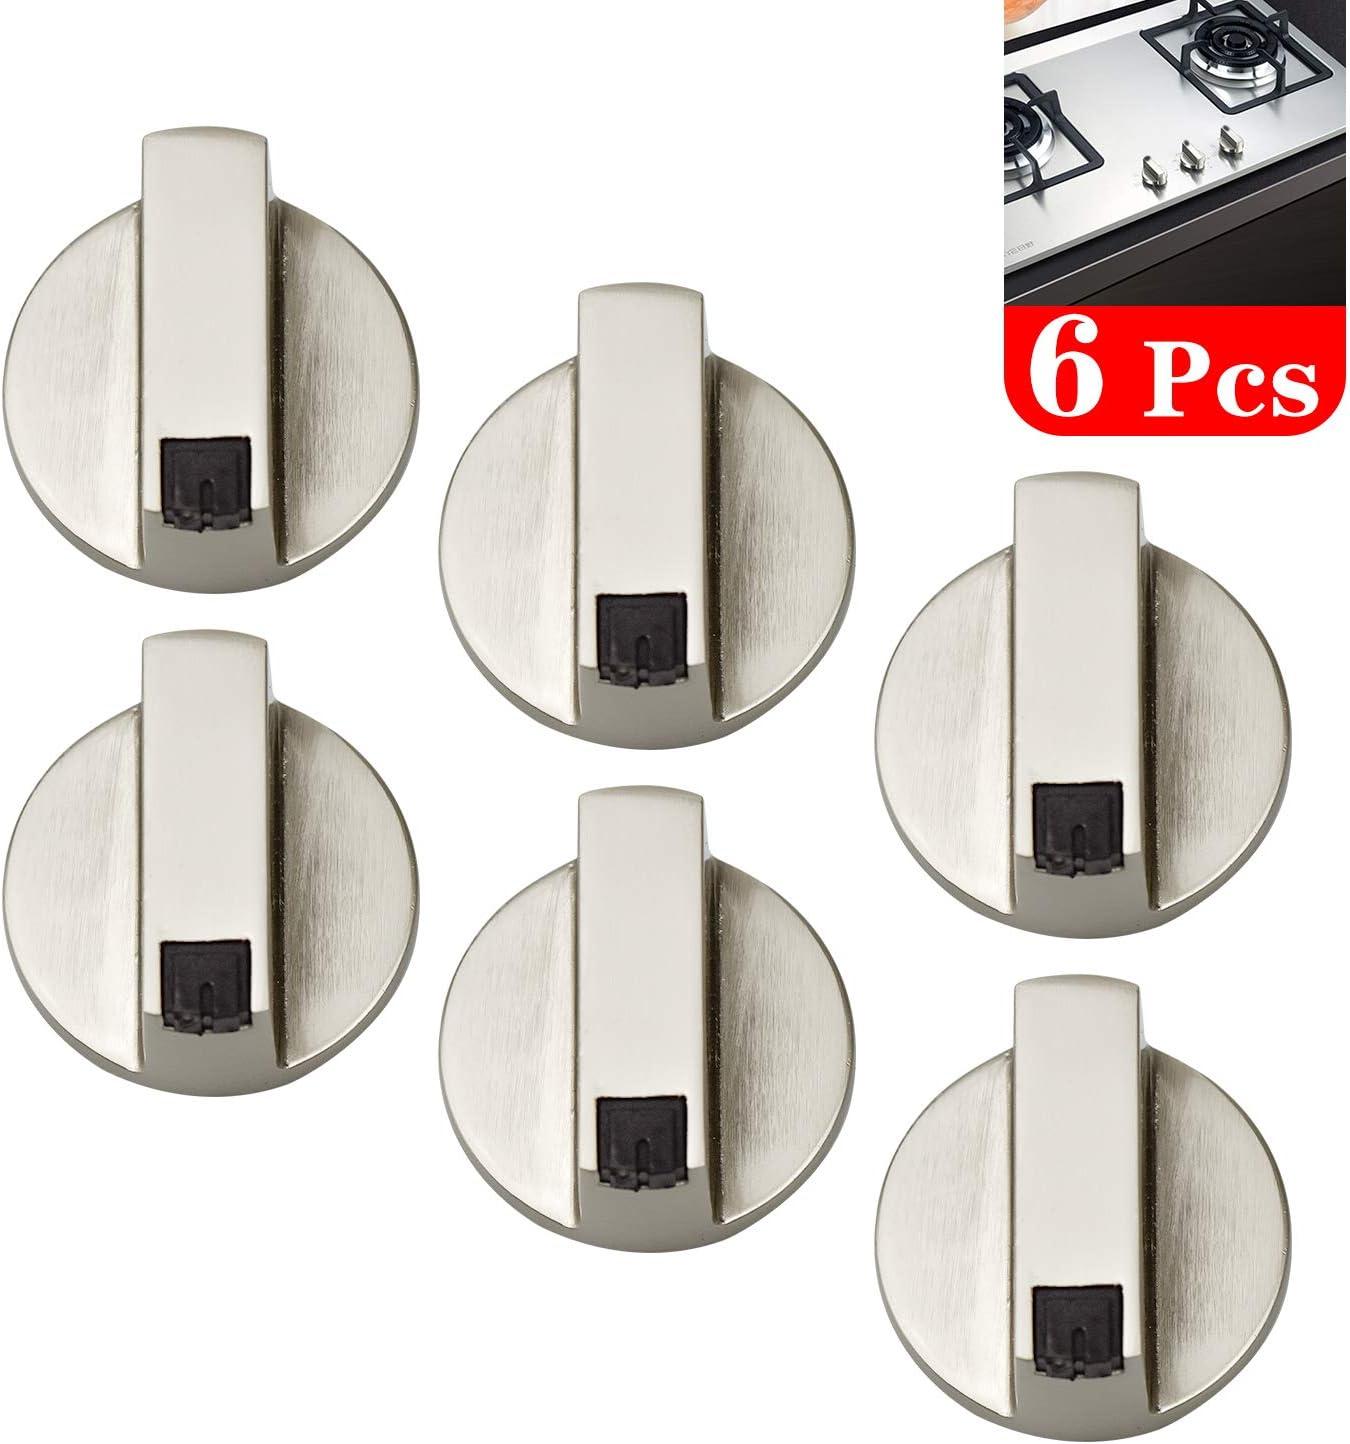 Hentek 6 Pcs Botones Mandos Cocina Gas, Botones Universal de Interruptor para Mayoría Las Horno, Cocina, Estufa de Gas, 6mm